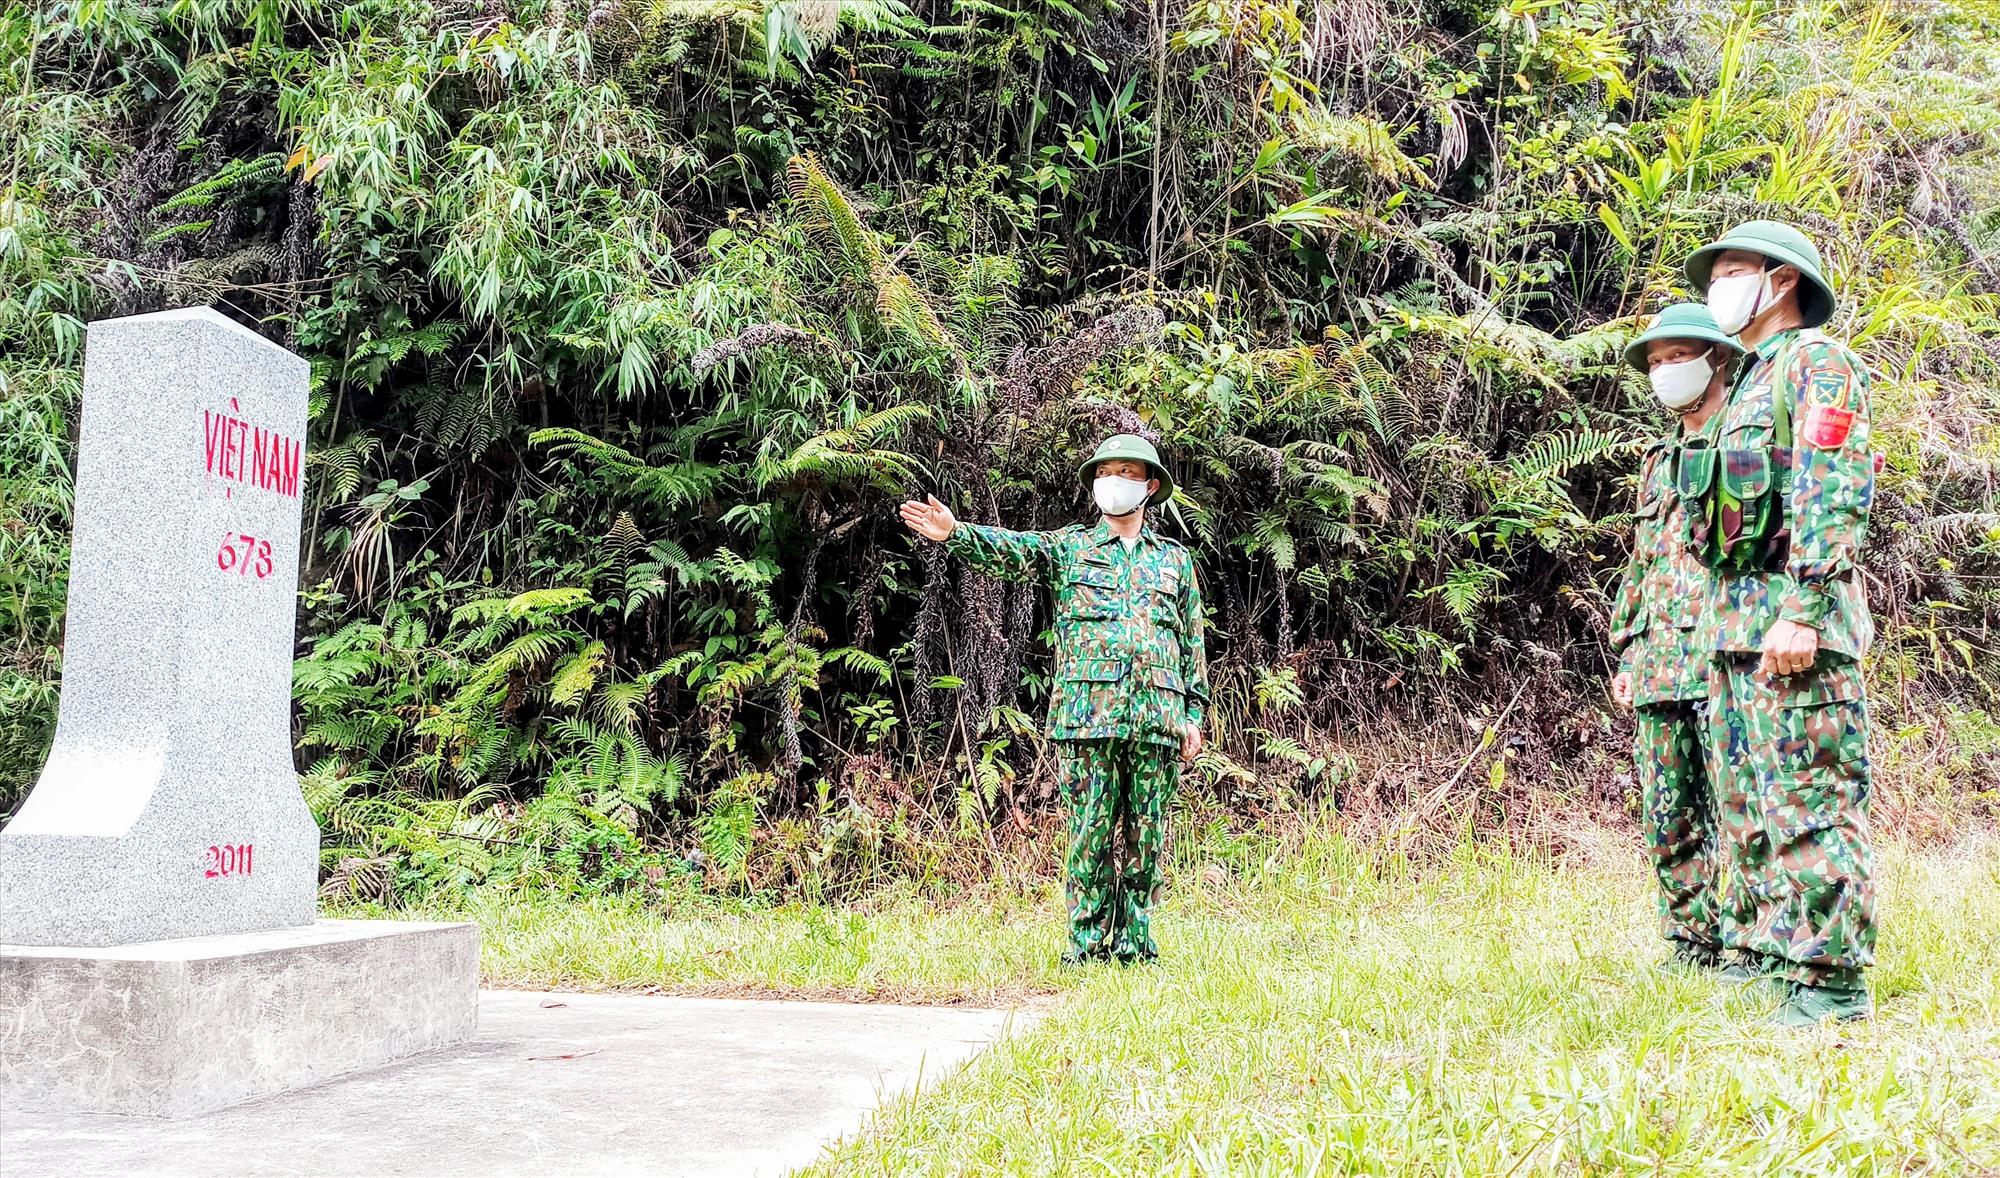 Gác lại niềm riêng, Đại úy Nguyễn Công Thuần (bên trái) cùng đồng đội miệt mài với nhiệm vụ tuần tra biên giới. Ảnh: ALĂNG NGƯỚC